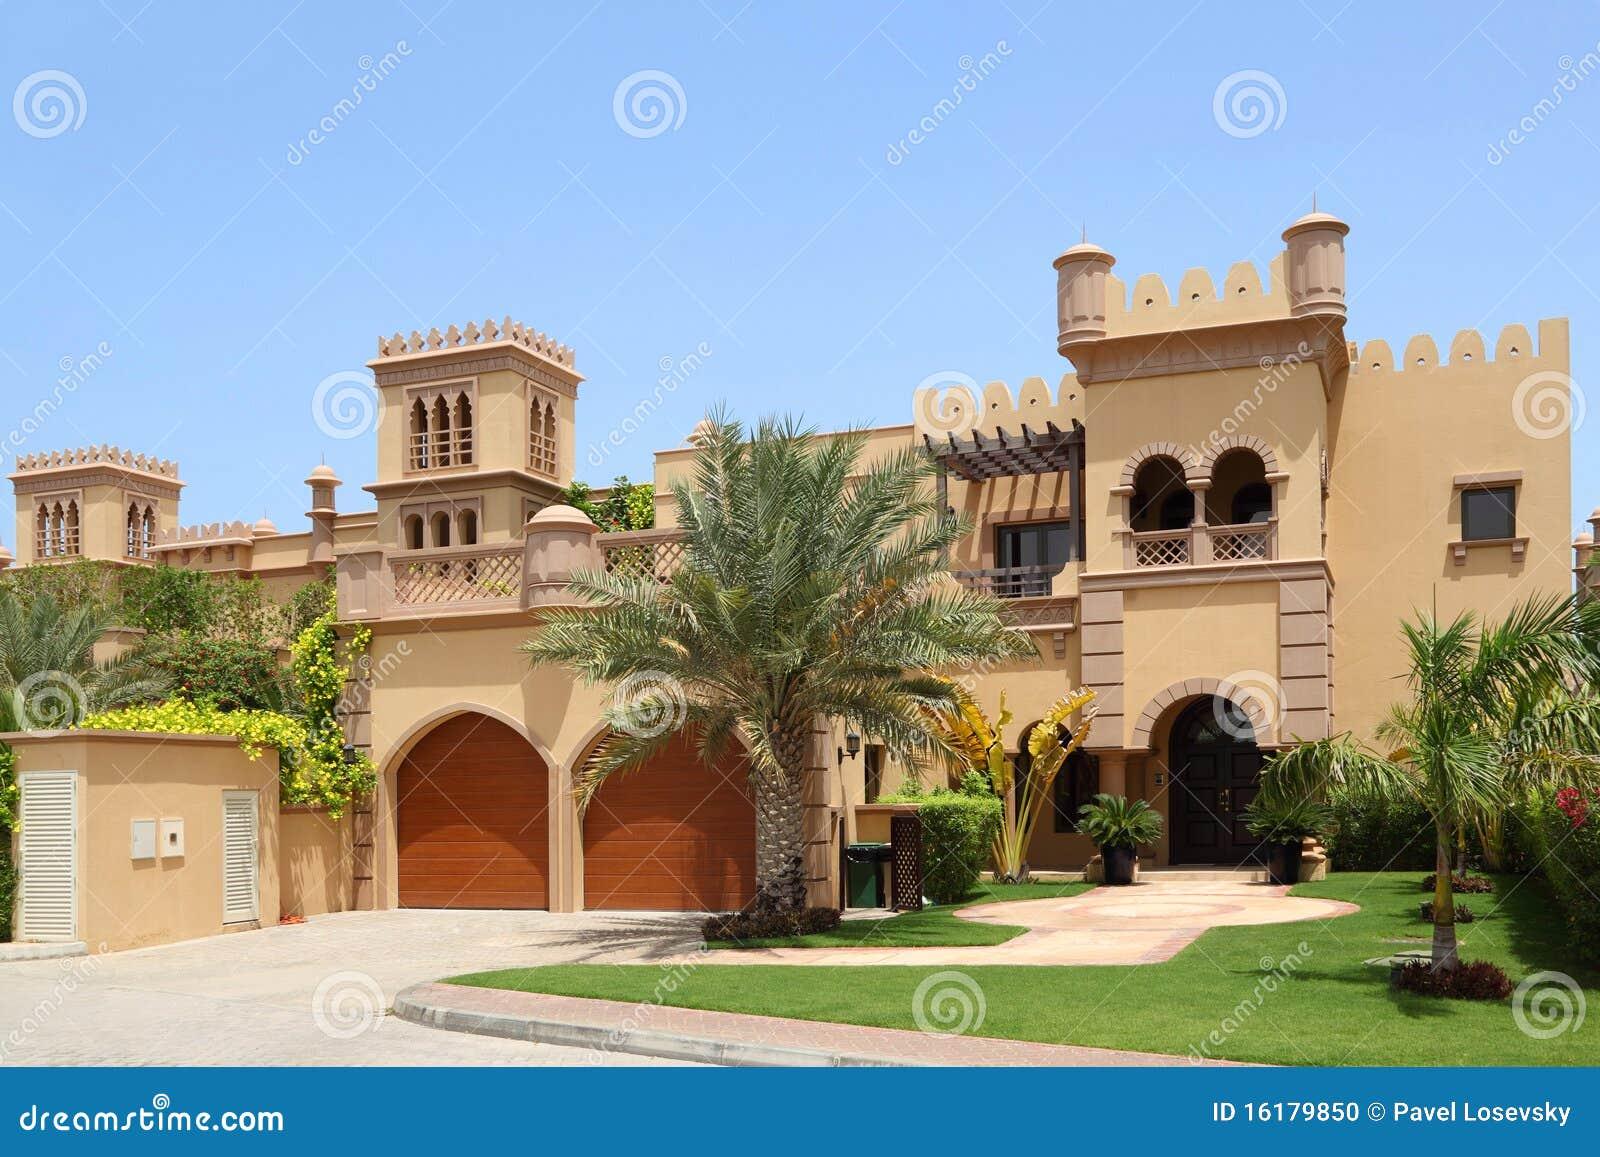 Maison arabe de type avec deux garages et archs photo for Architecture maison arabe